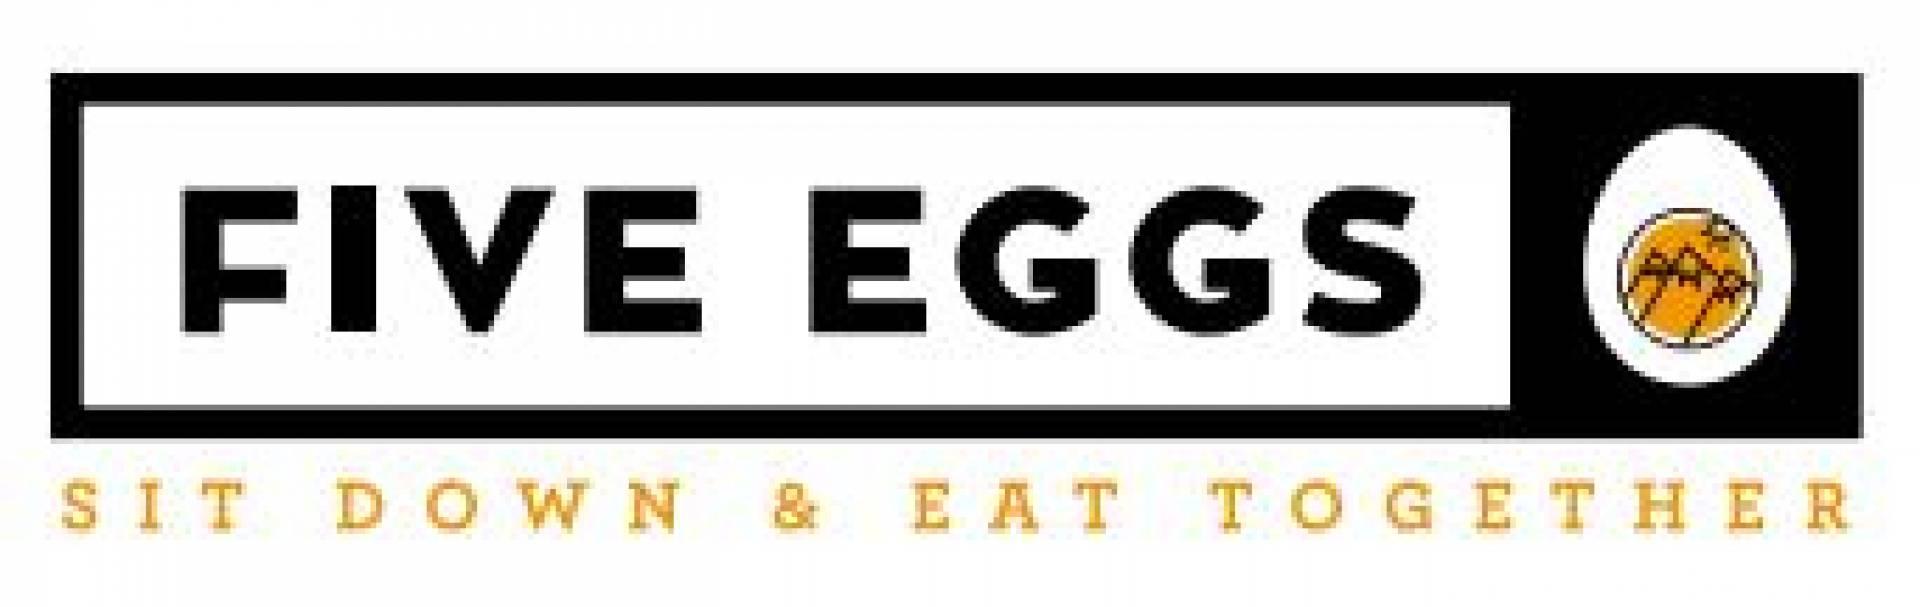 Five Eggs Meals logo